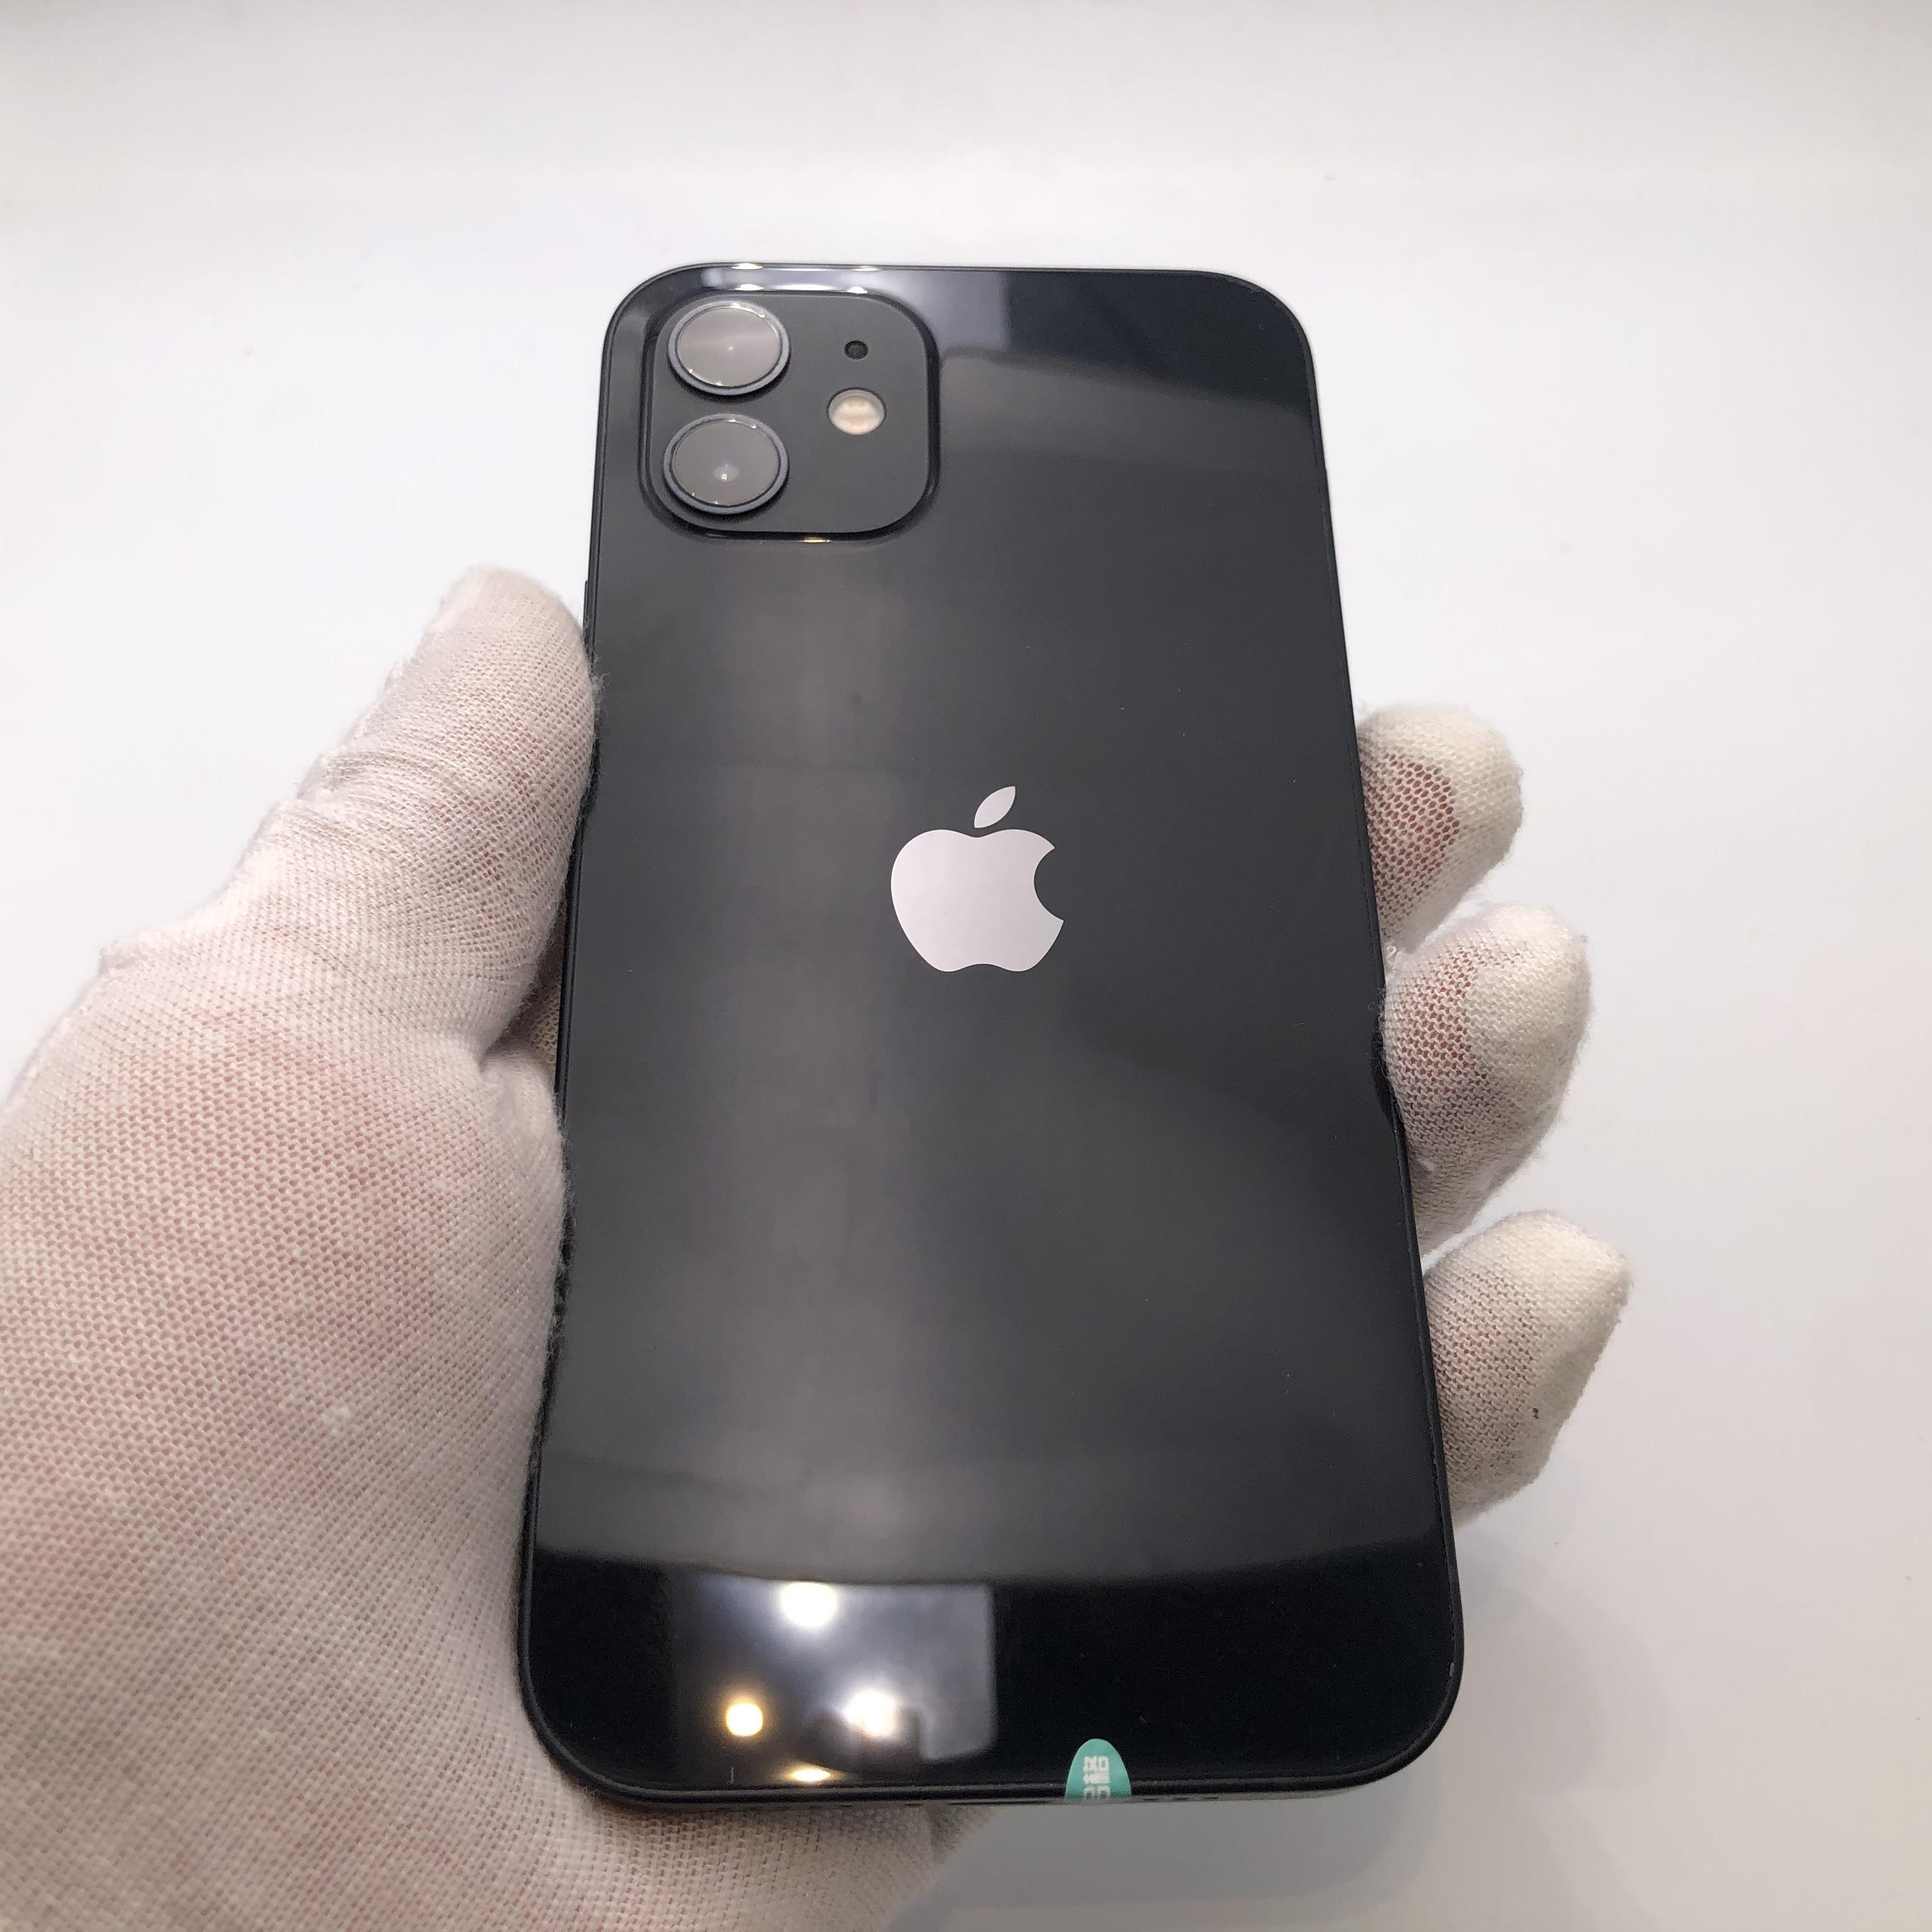 苹果【iPhone 12】9成新